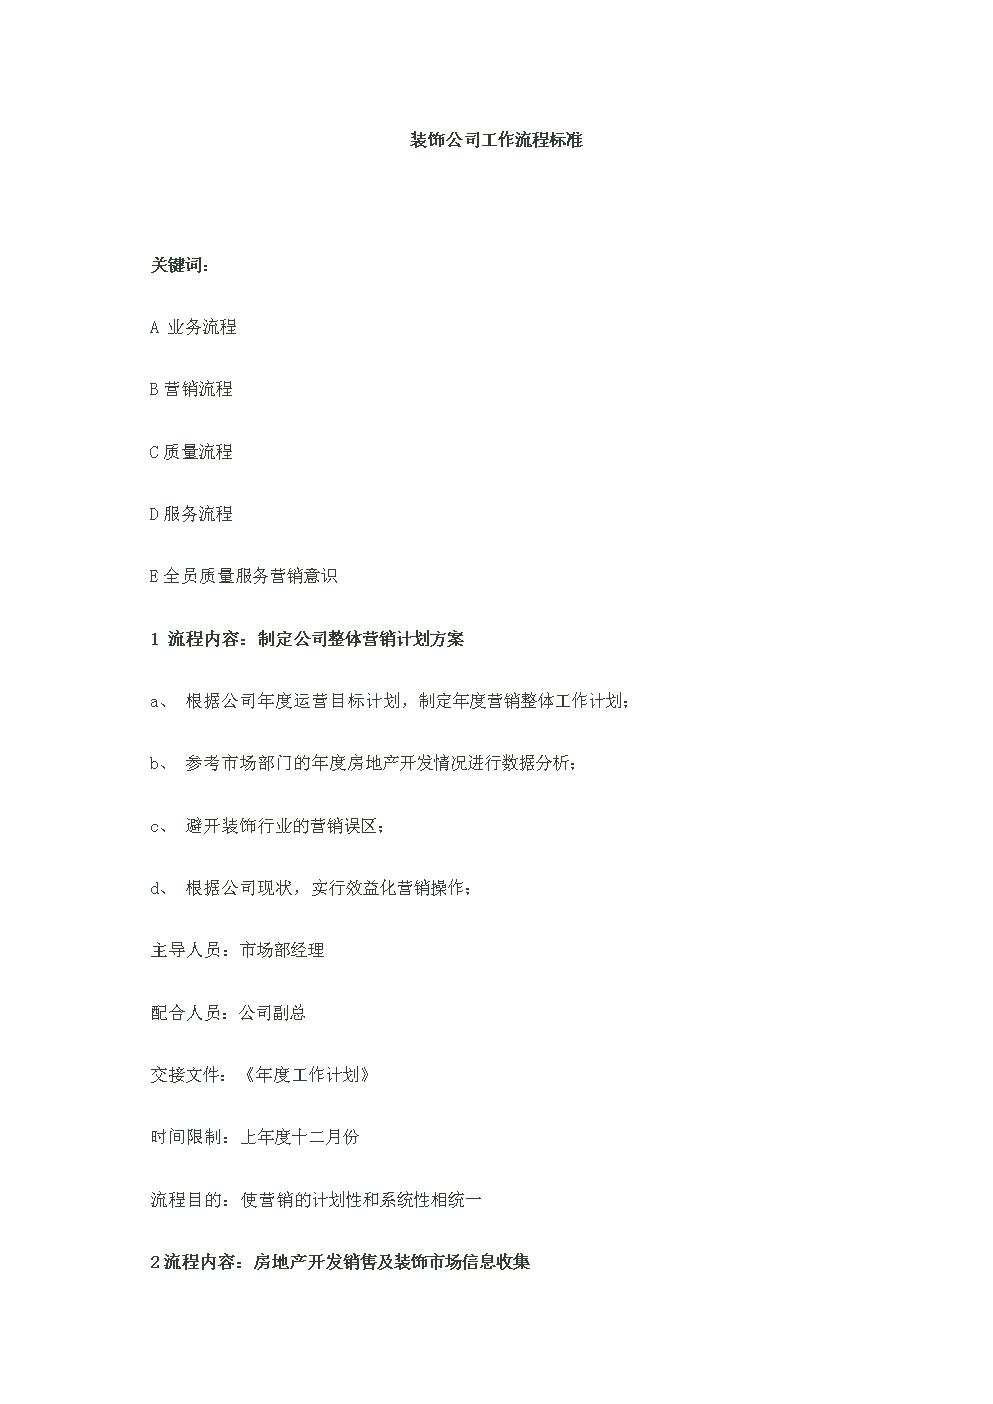 2019年装饰公司工作流程标准.doc